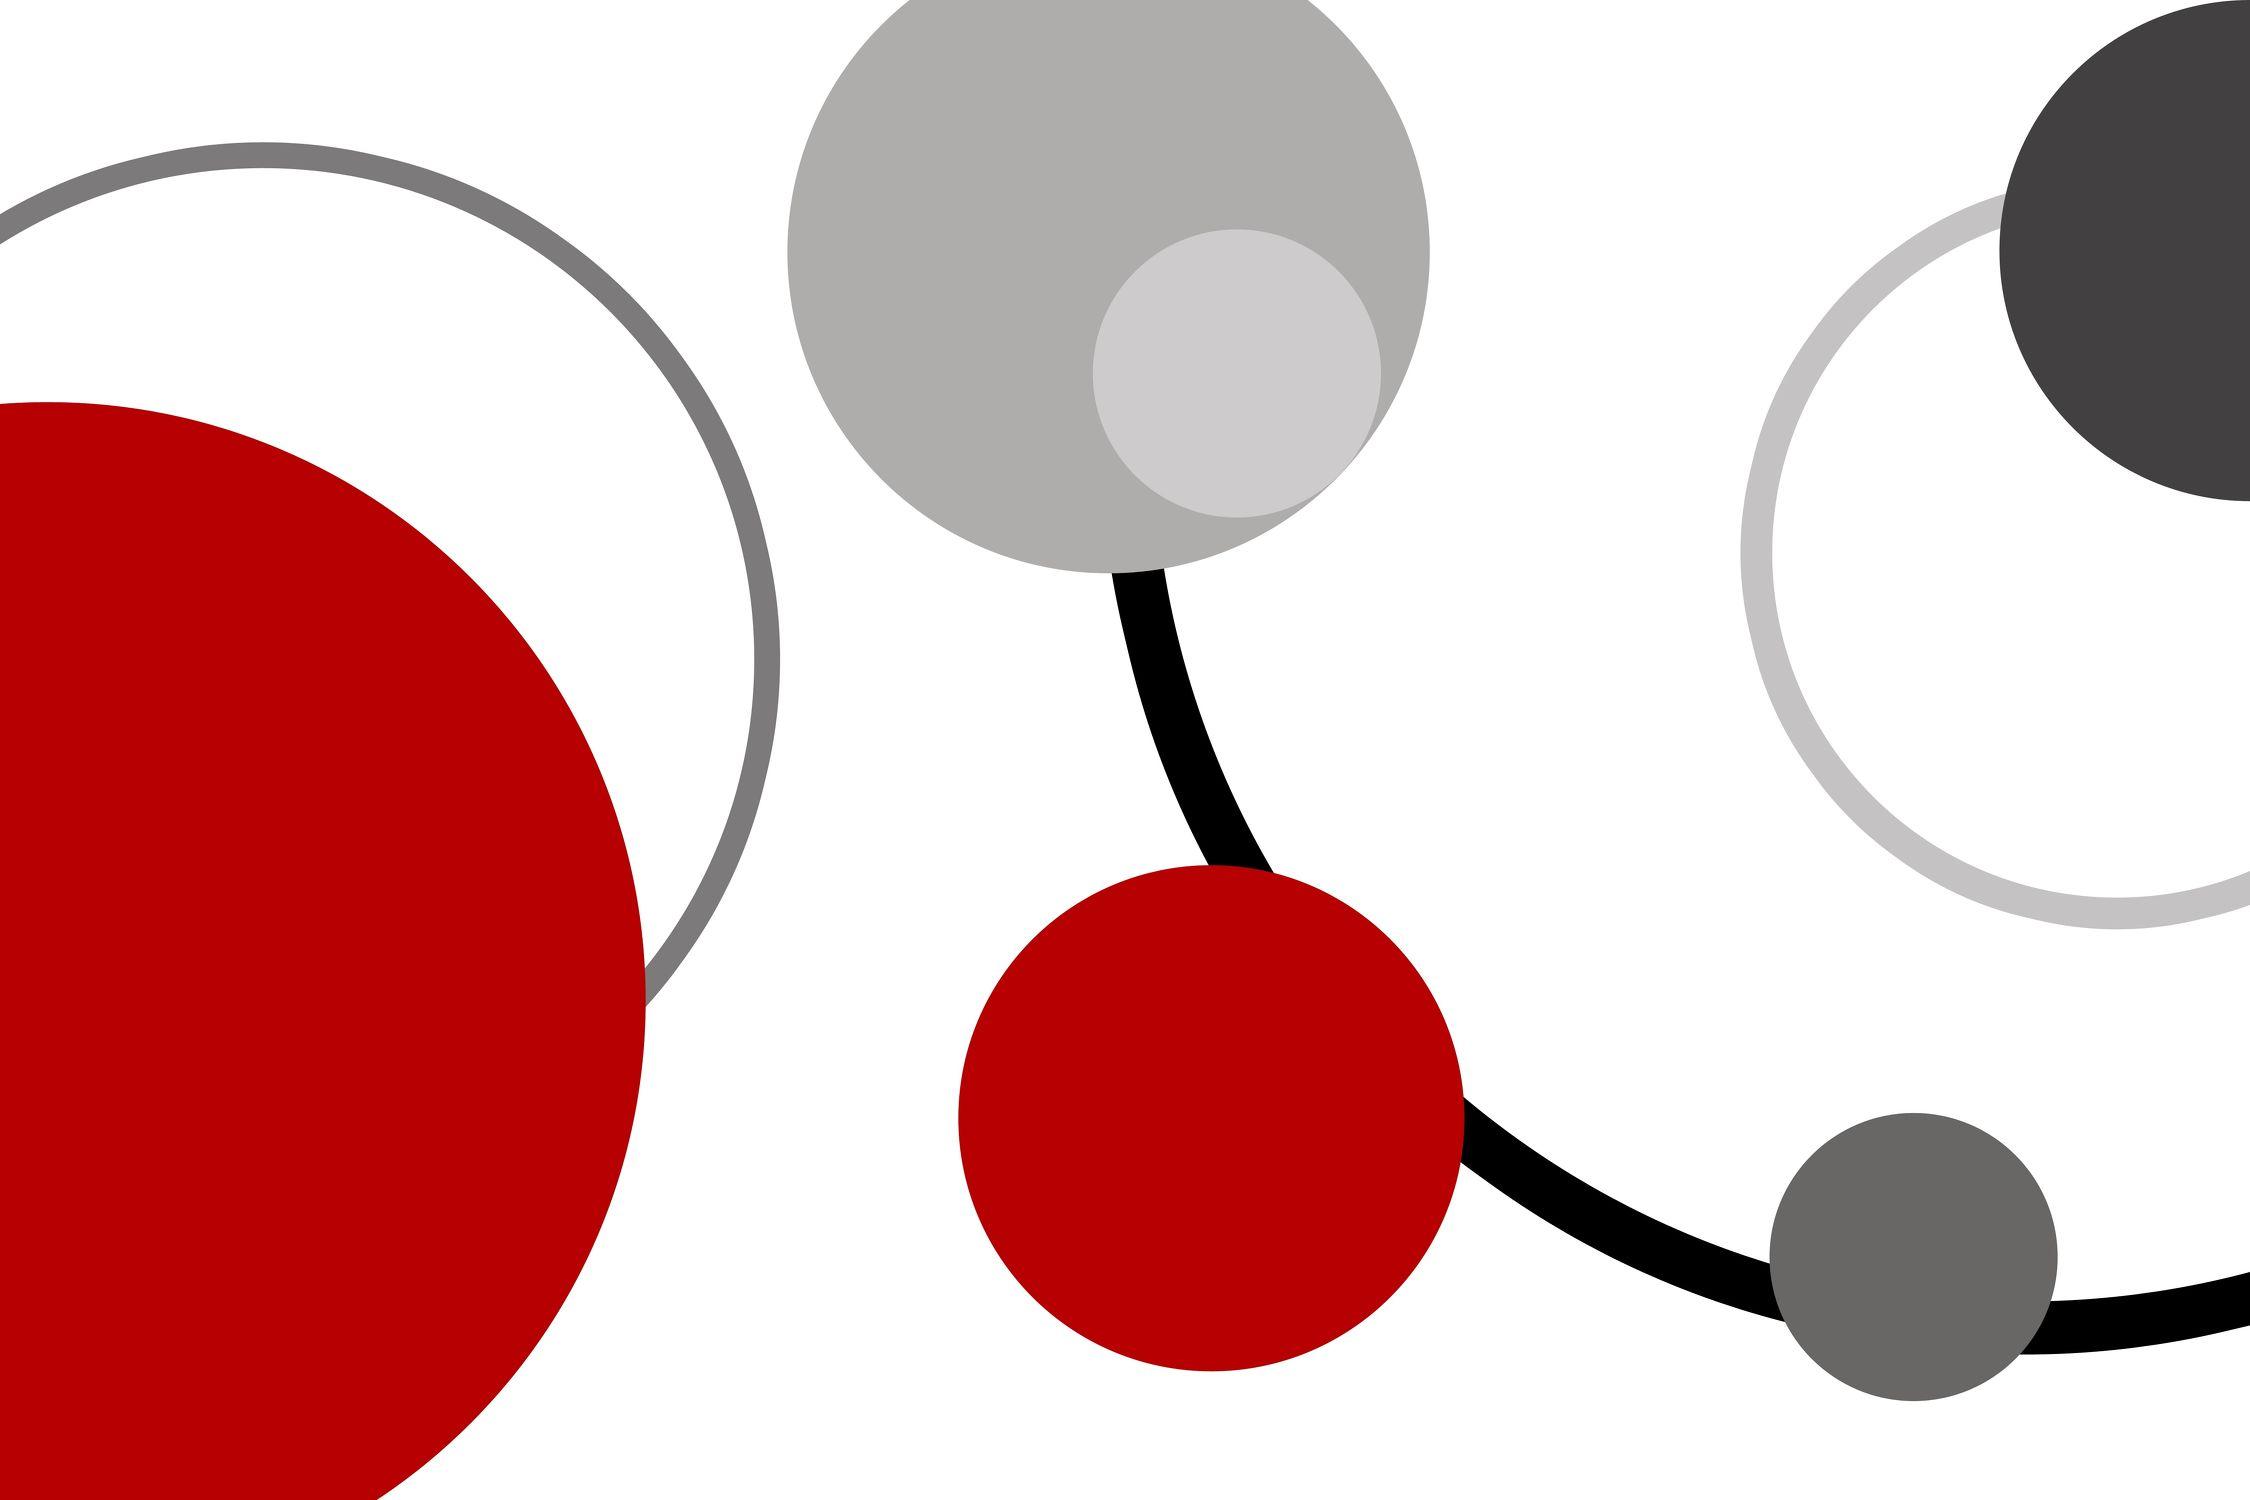 Bild mit Farben, Kunst, Rot, Abstrakt, Abstrakte Kunst, Abstrakte Kunst, Abstrakte Malerei, Kunstwerk, Retro, lounge